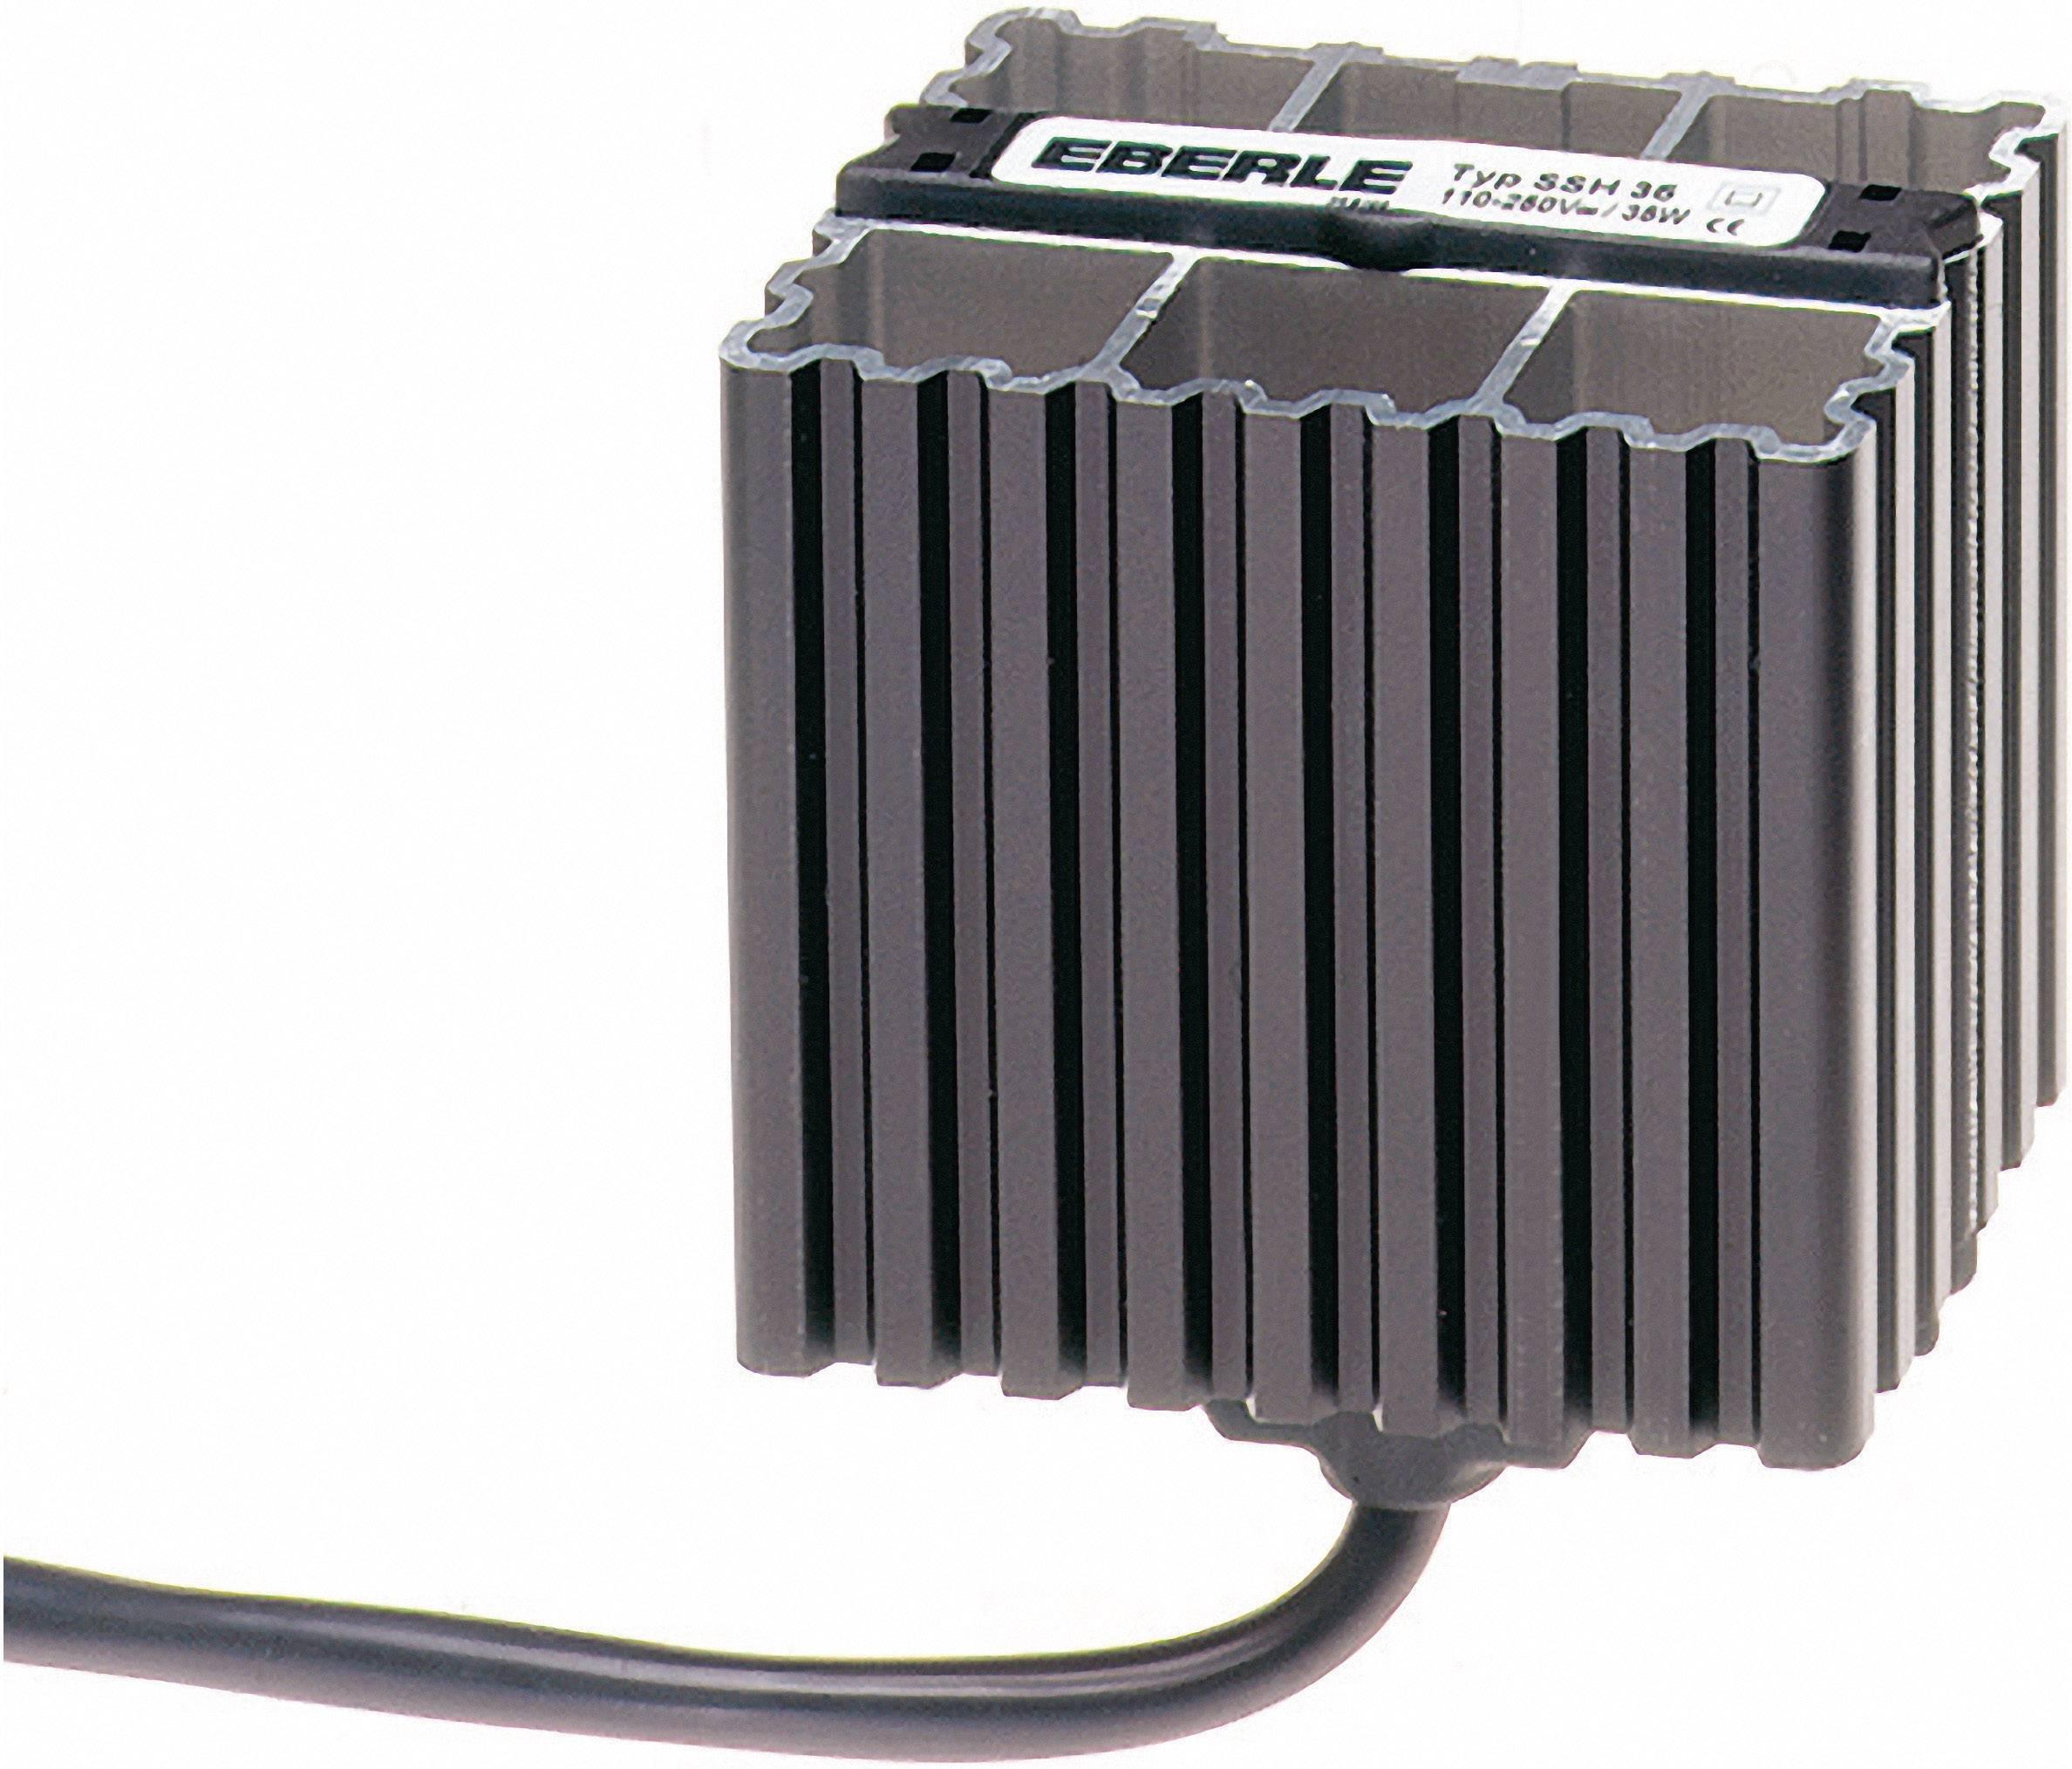 Vytápění rozvodných skříní Eberle SSH 35 (879 0700 02 000)